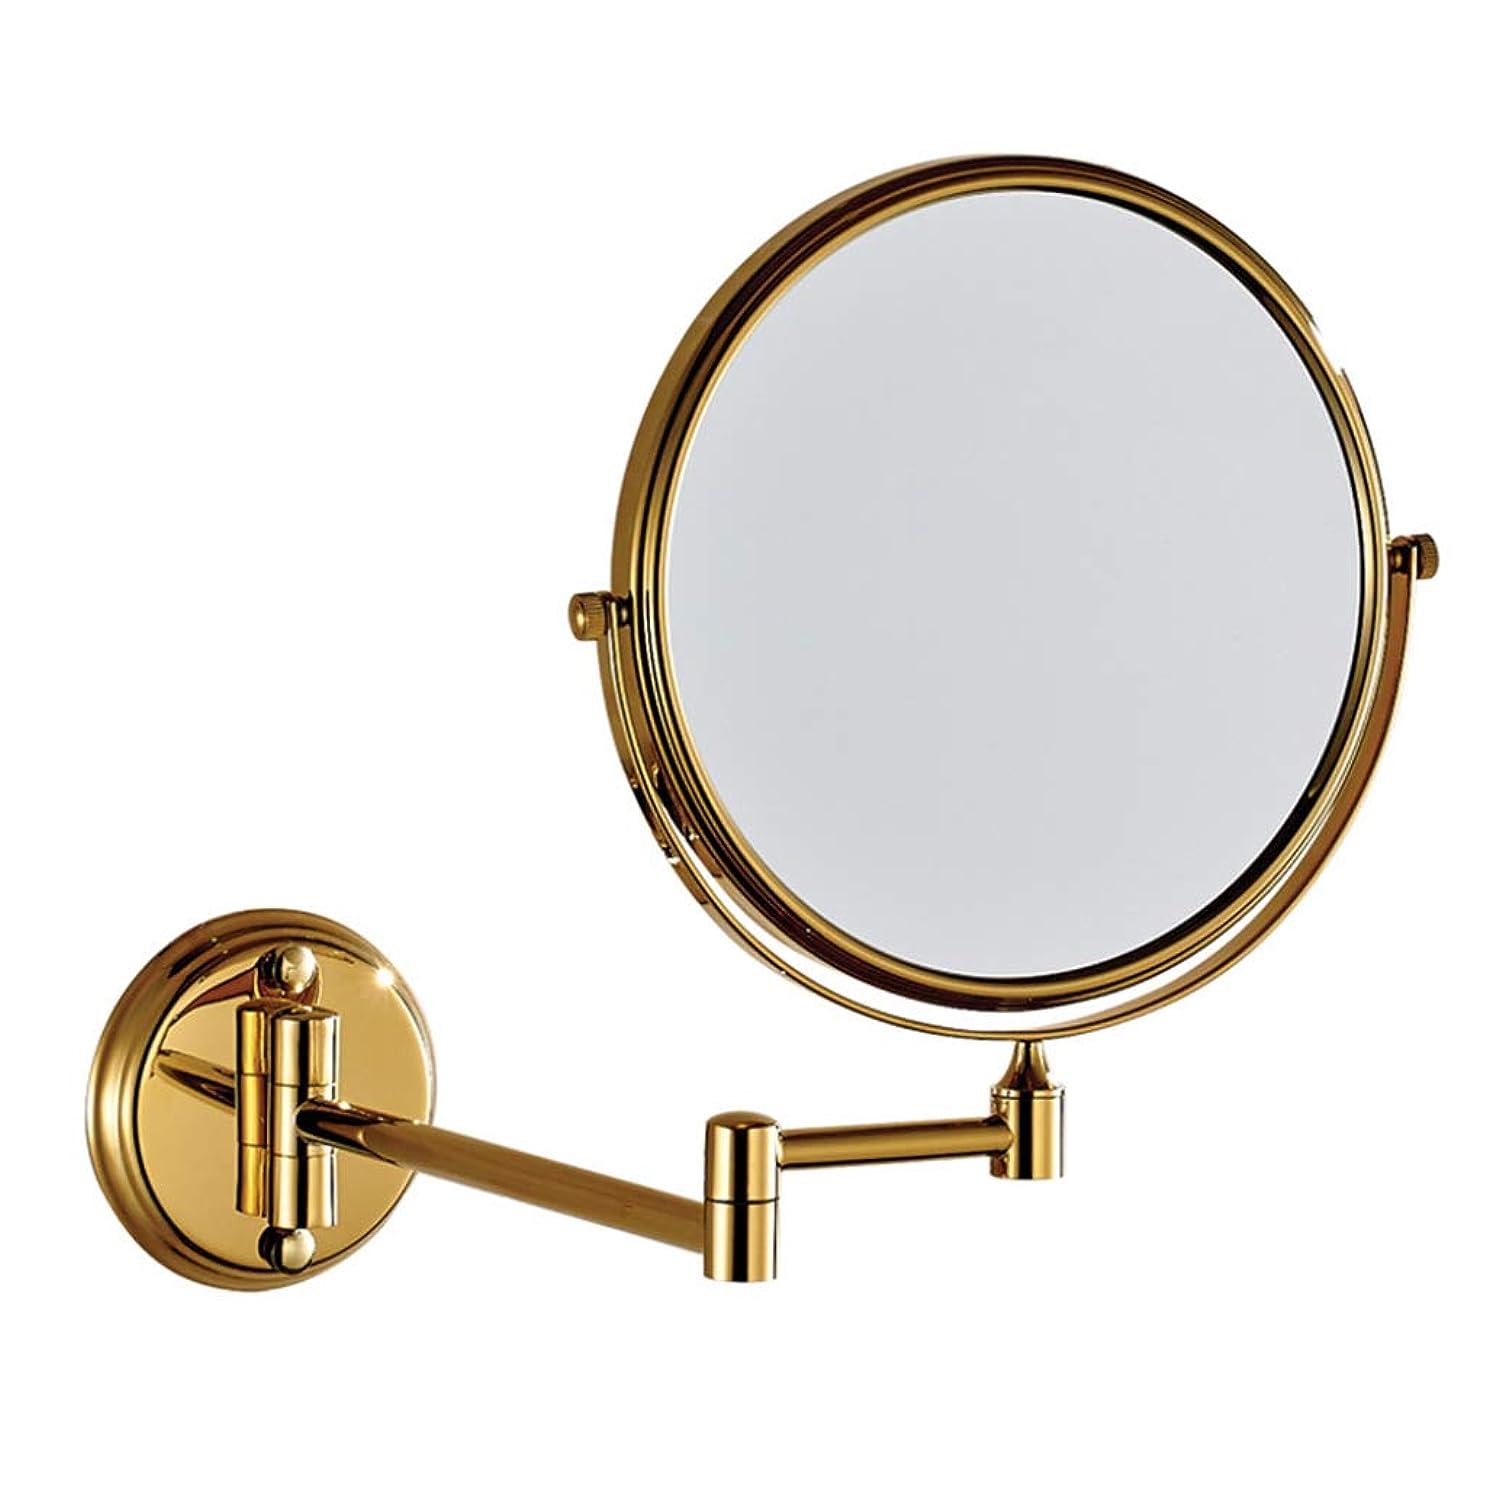 申し立て畝間くぼみHUYYA シェービングミラー 壁付、バスルームメイクアップミラー 3 倍拡大鏡 バニティミラー 両面 化粧鏡 寝室や浴室に適しています,Gold_6inch